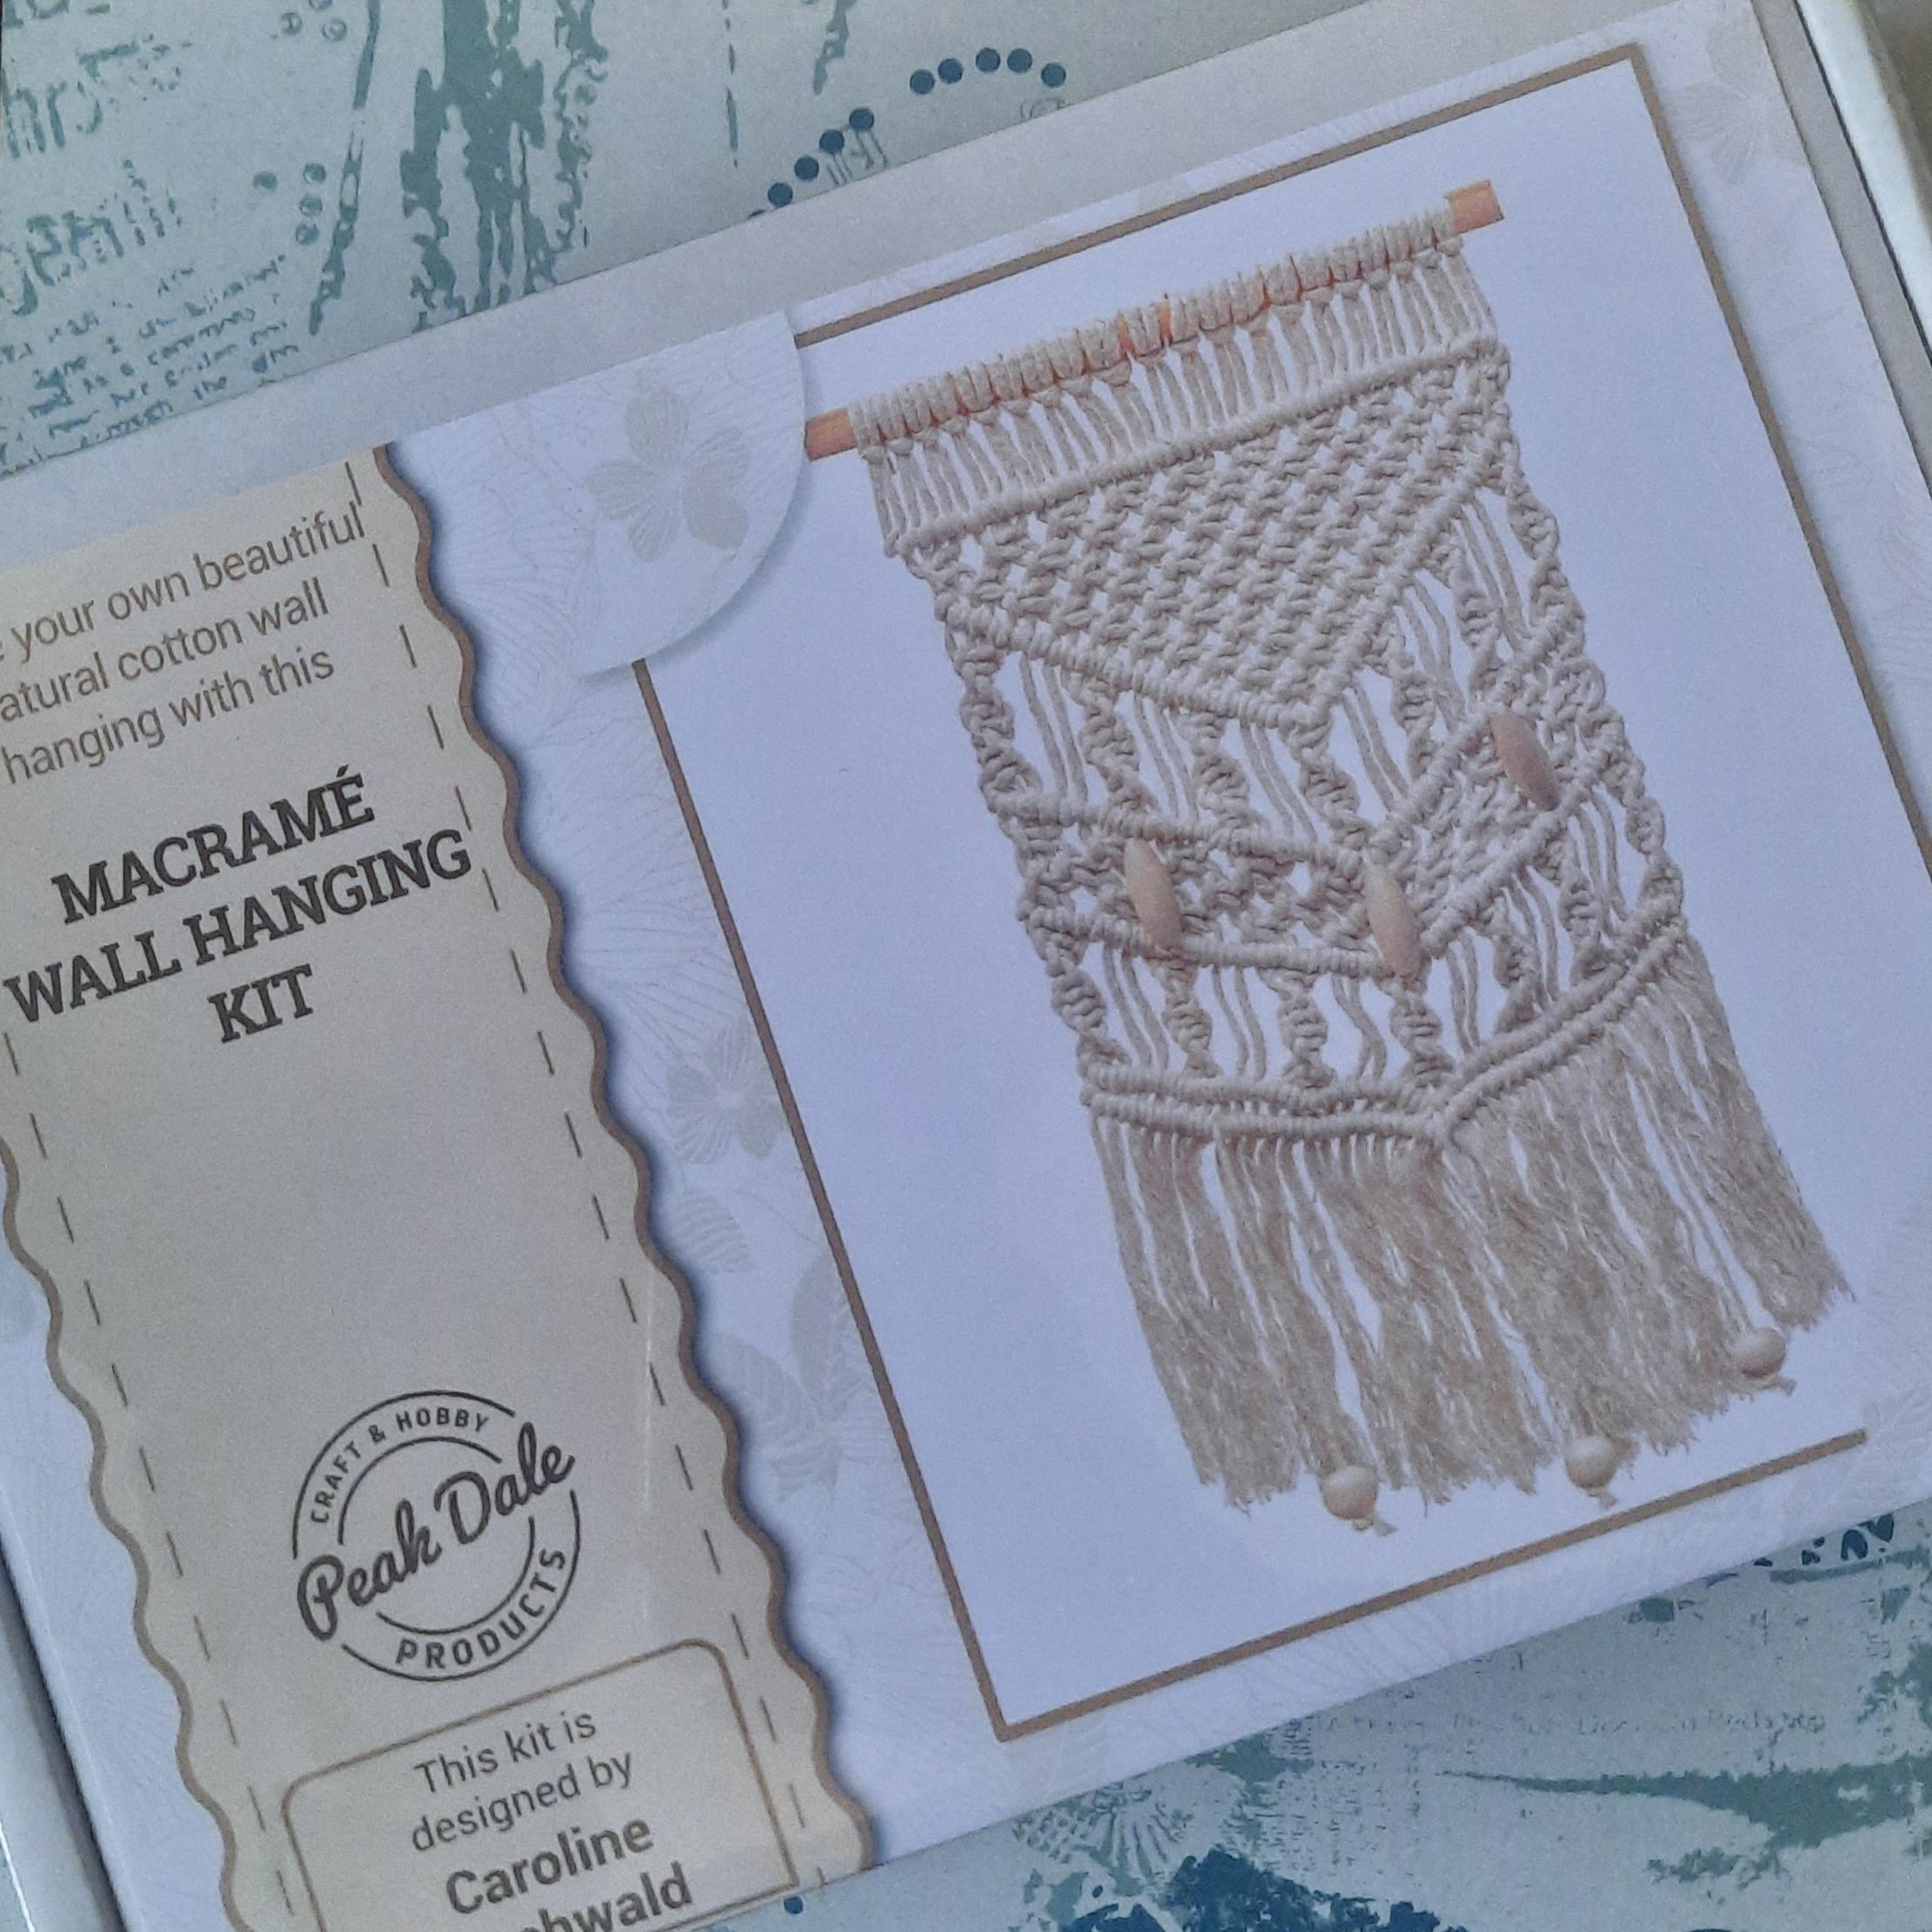 Macramé Wal Hanging Kit